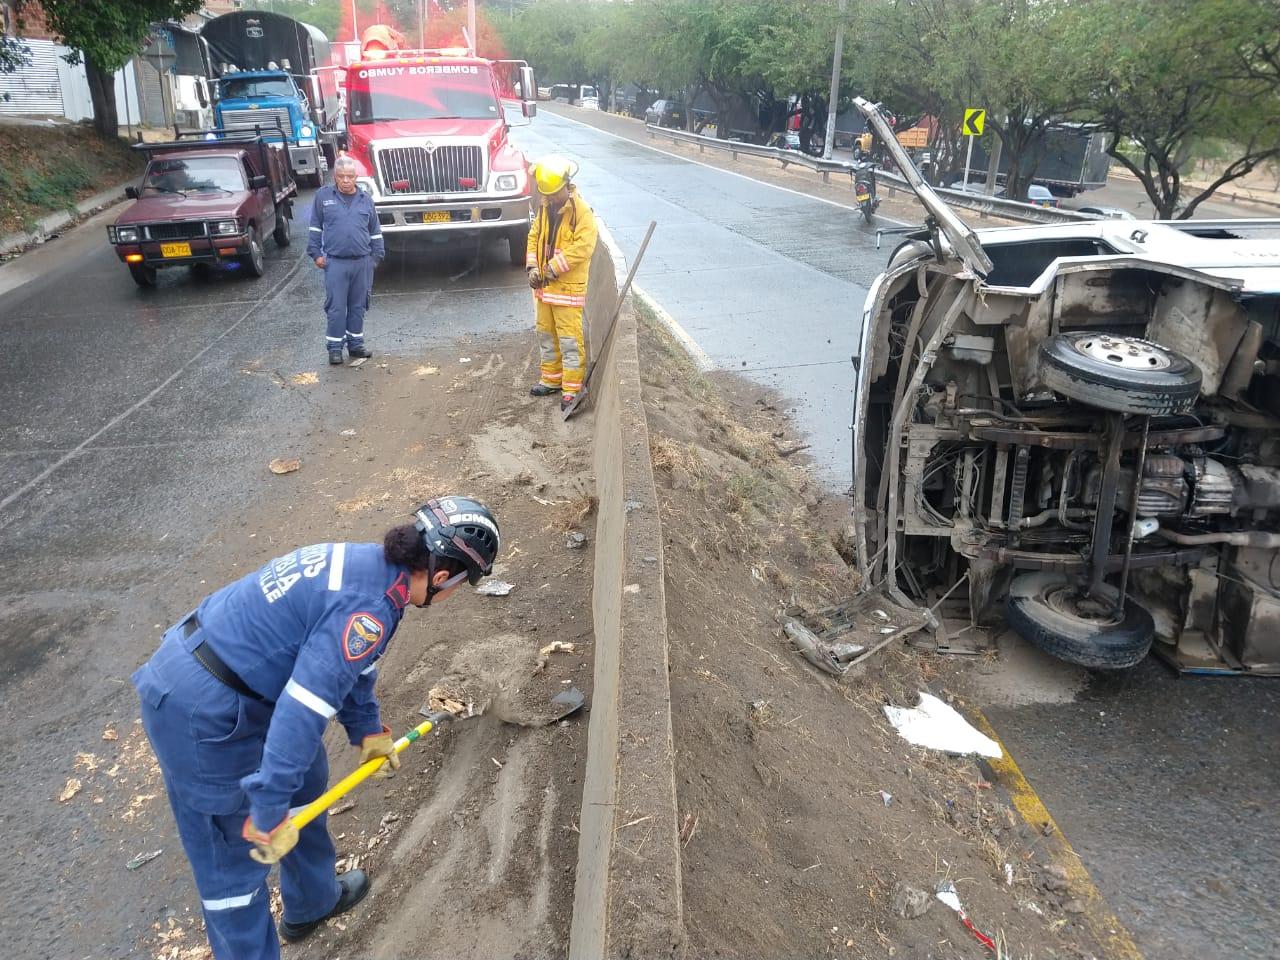 Siete personas heridas dejó aparatoso accidente con volcamiento en vía Cali-Yumbo